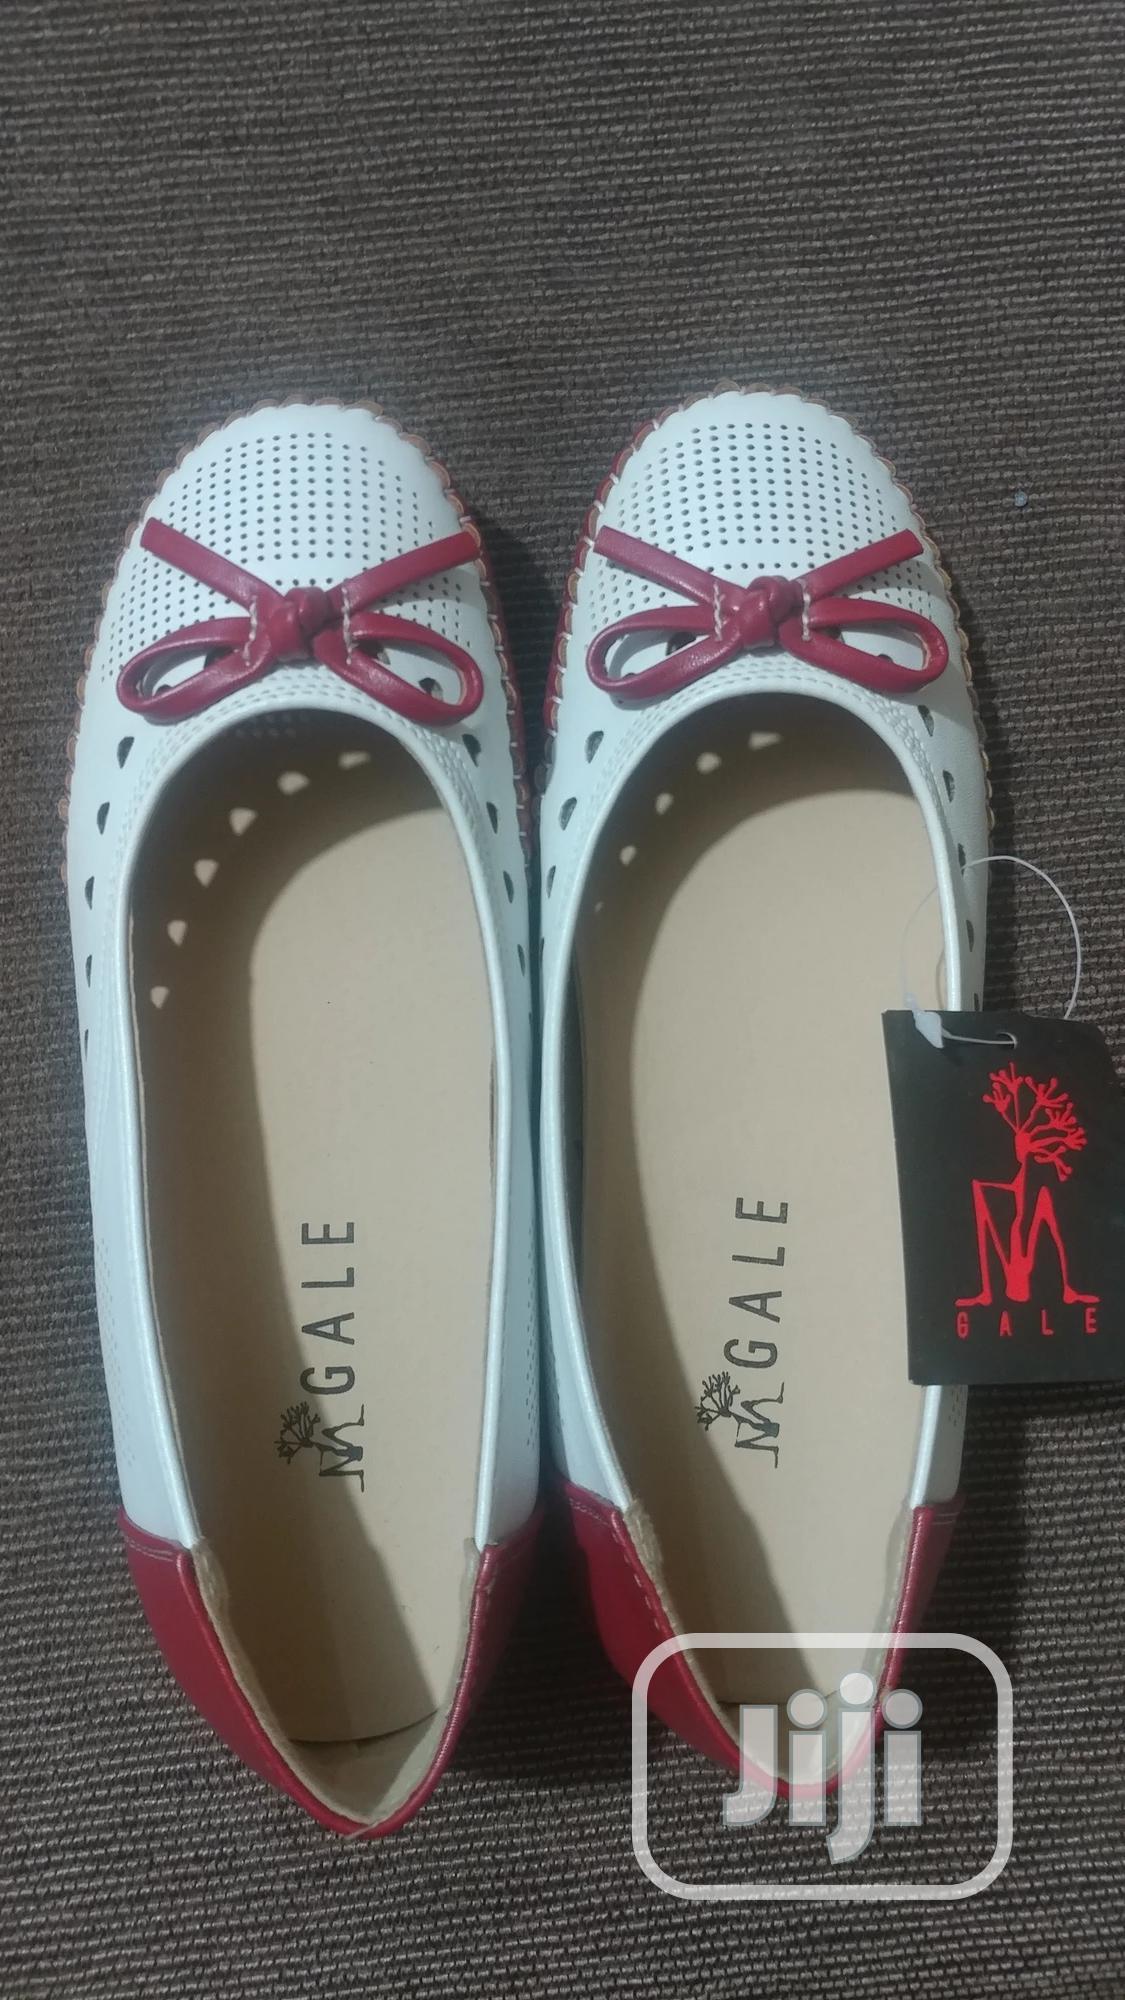 M Gale Flat Shoe